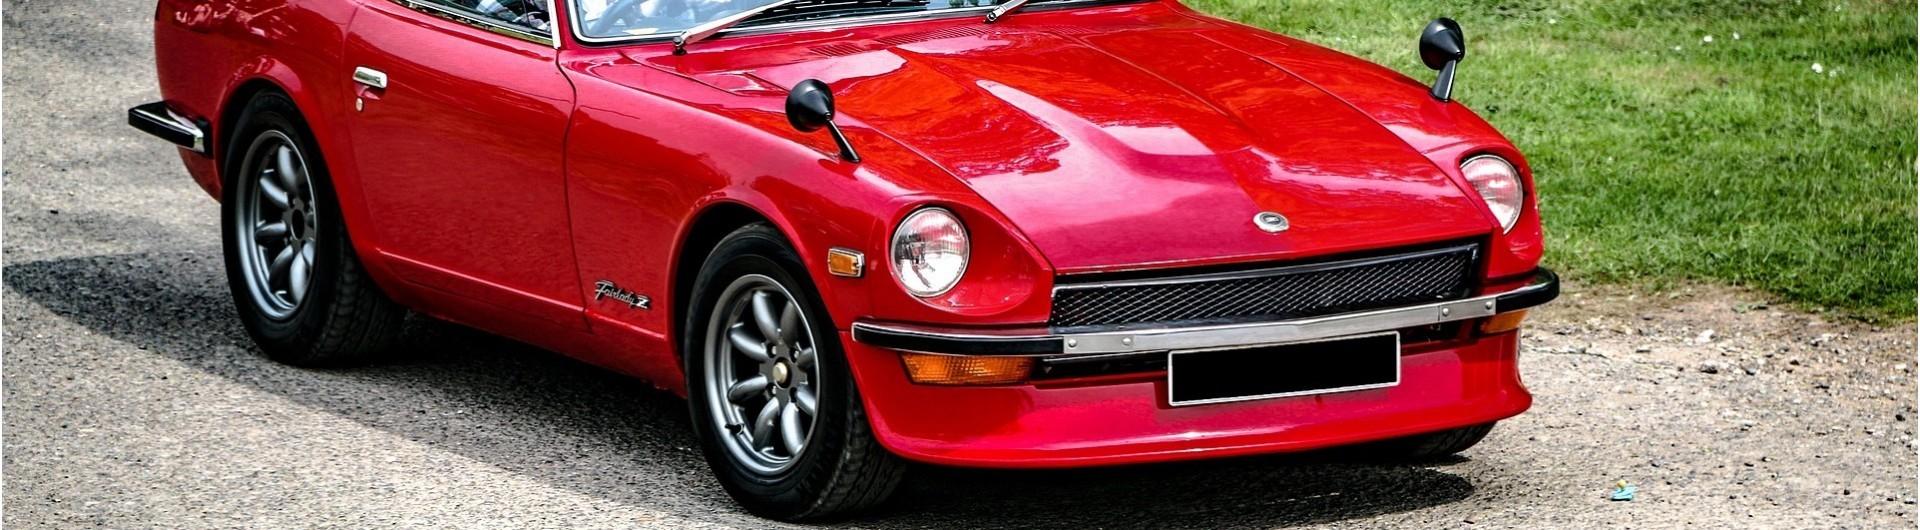 Sélectionné votre voiture parmi les modèles sportif de la gamme Datsun